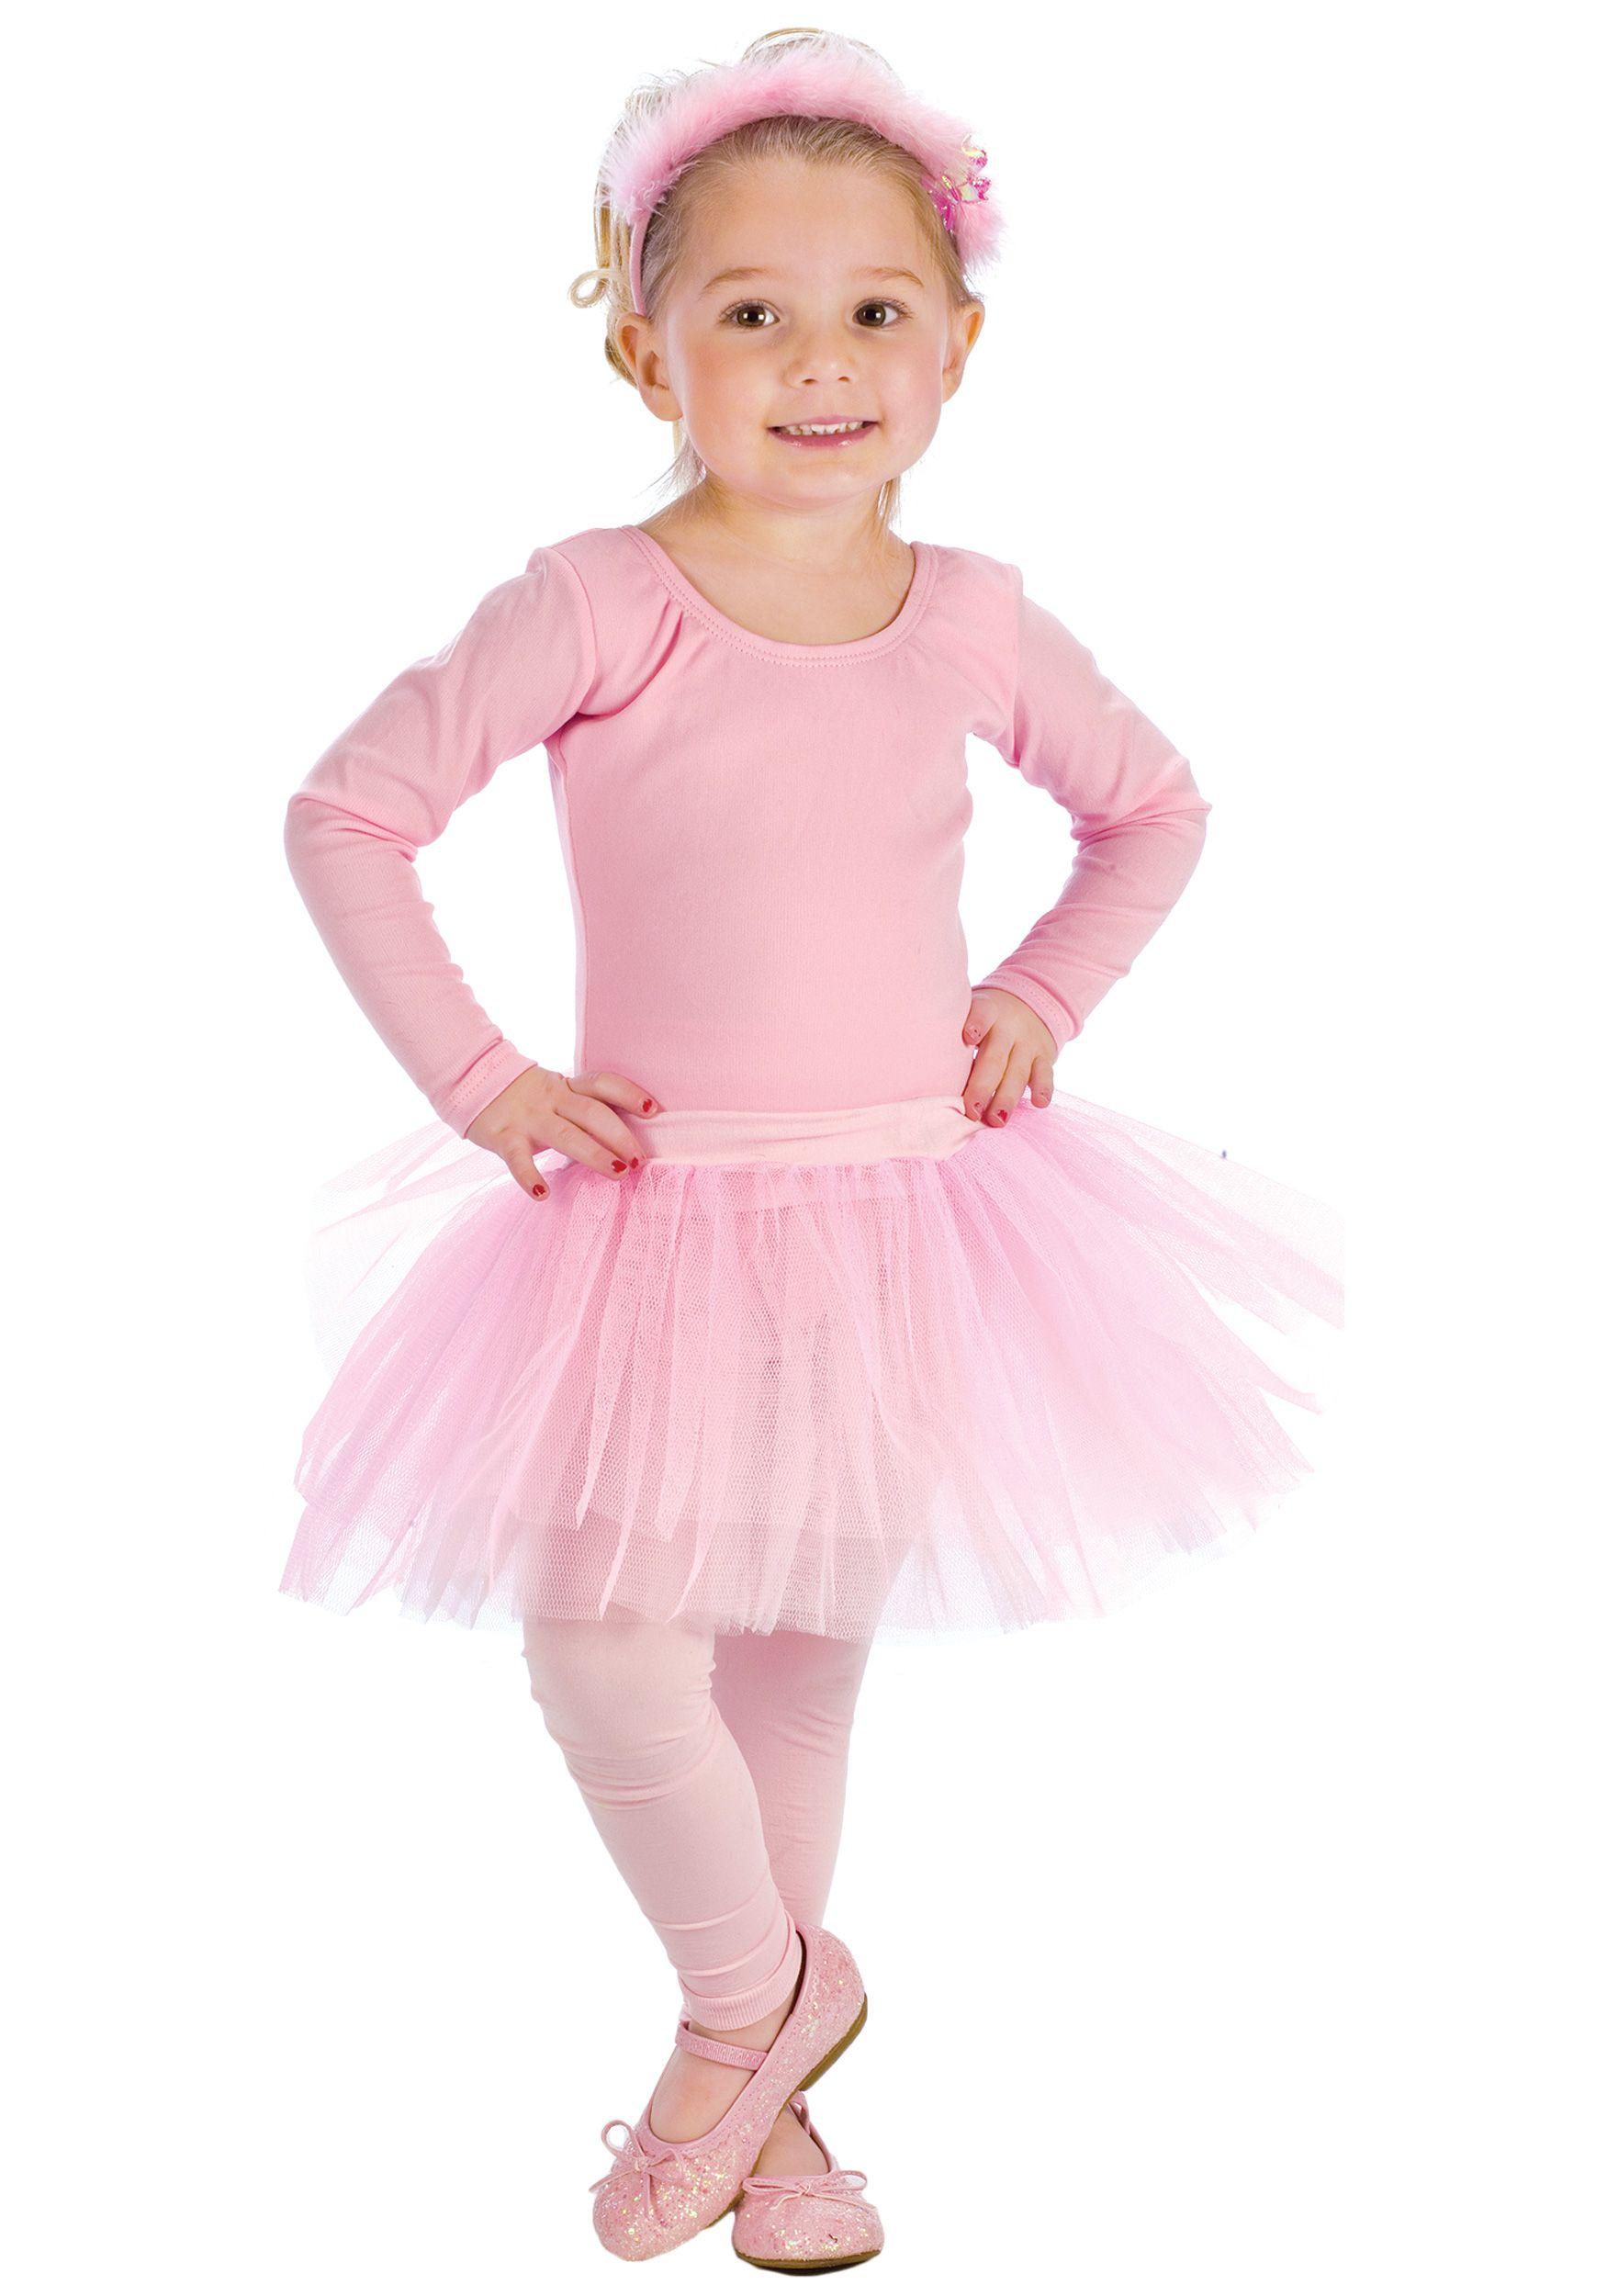 95252c3affb0 Pink ballerina costume